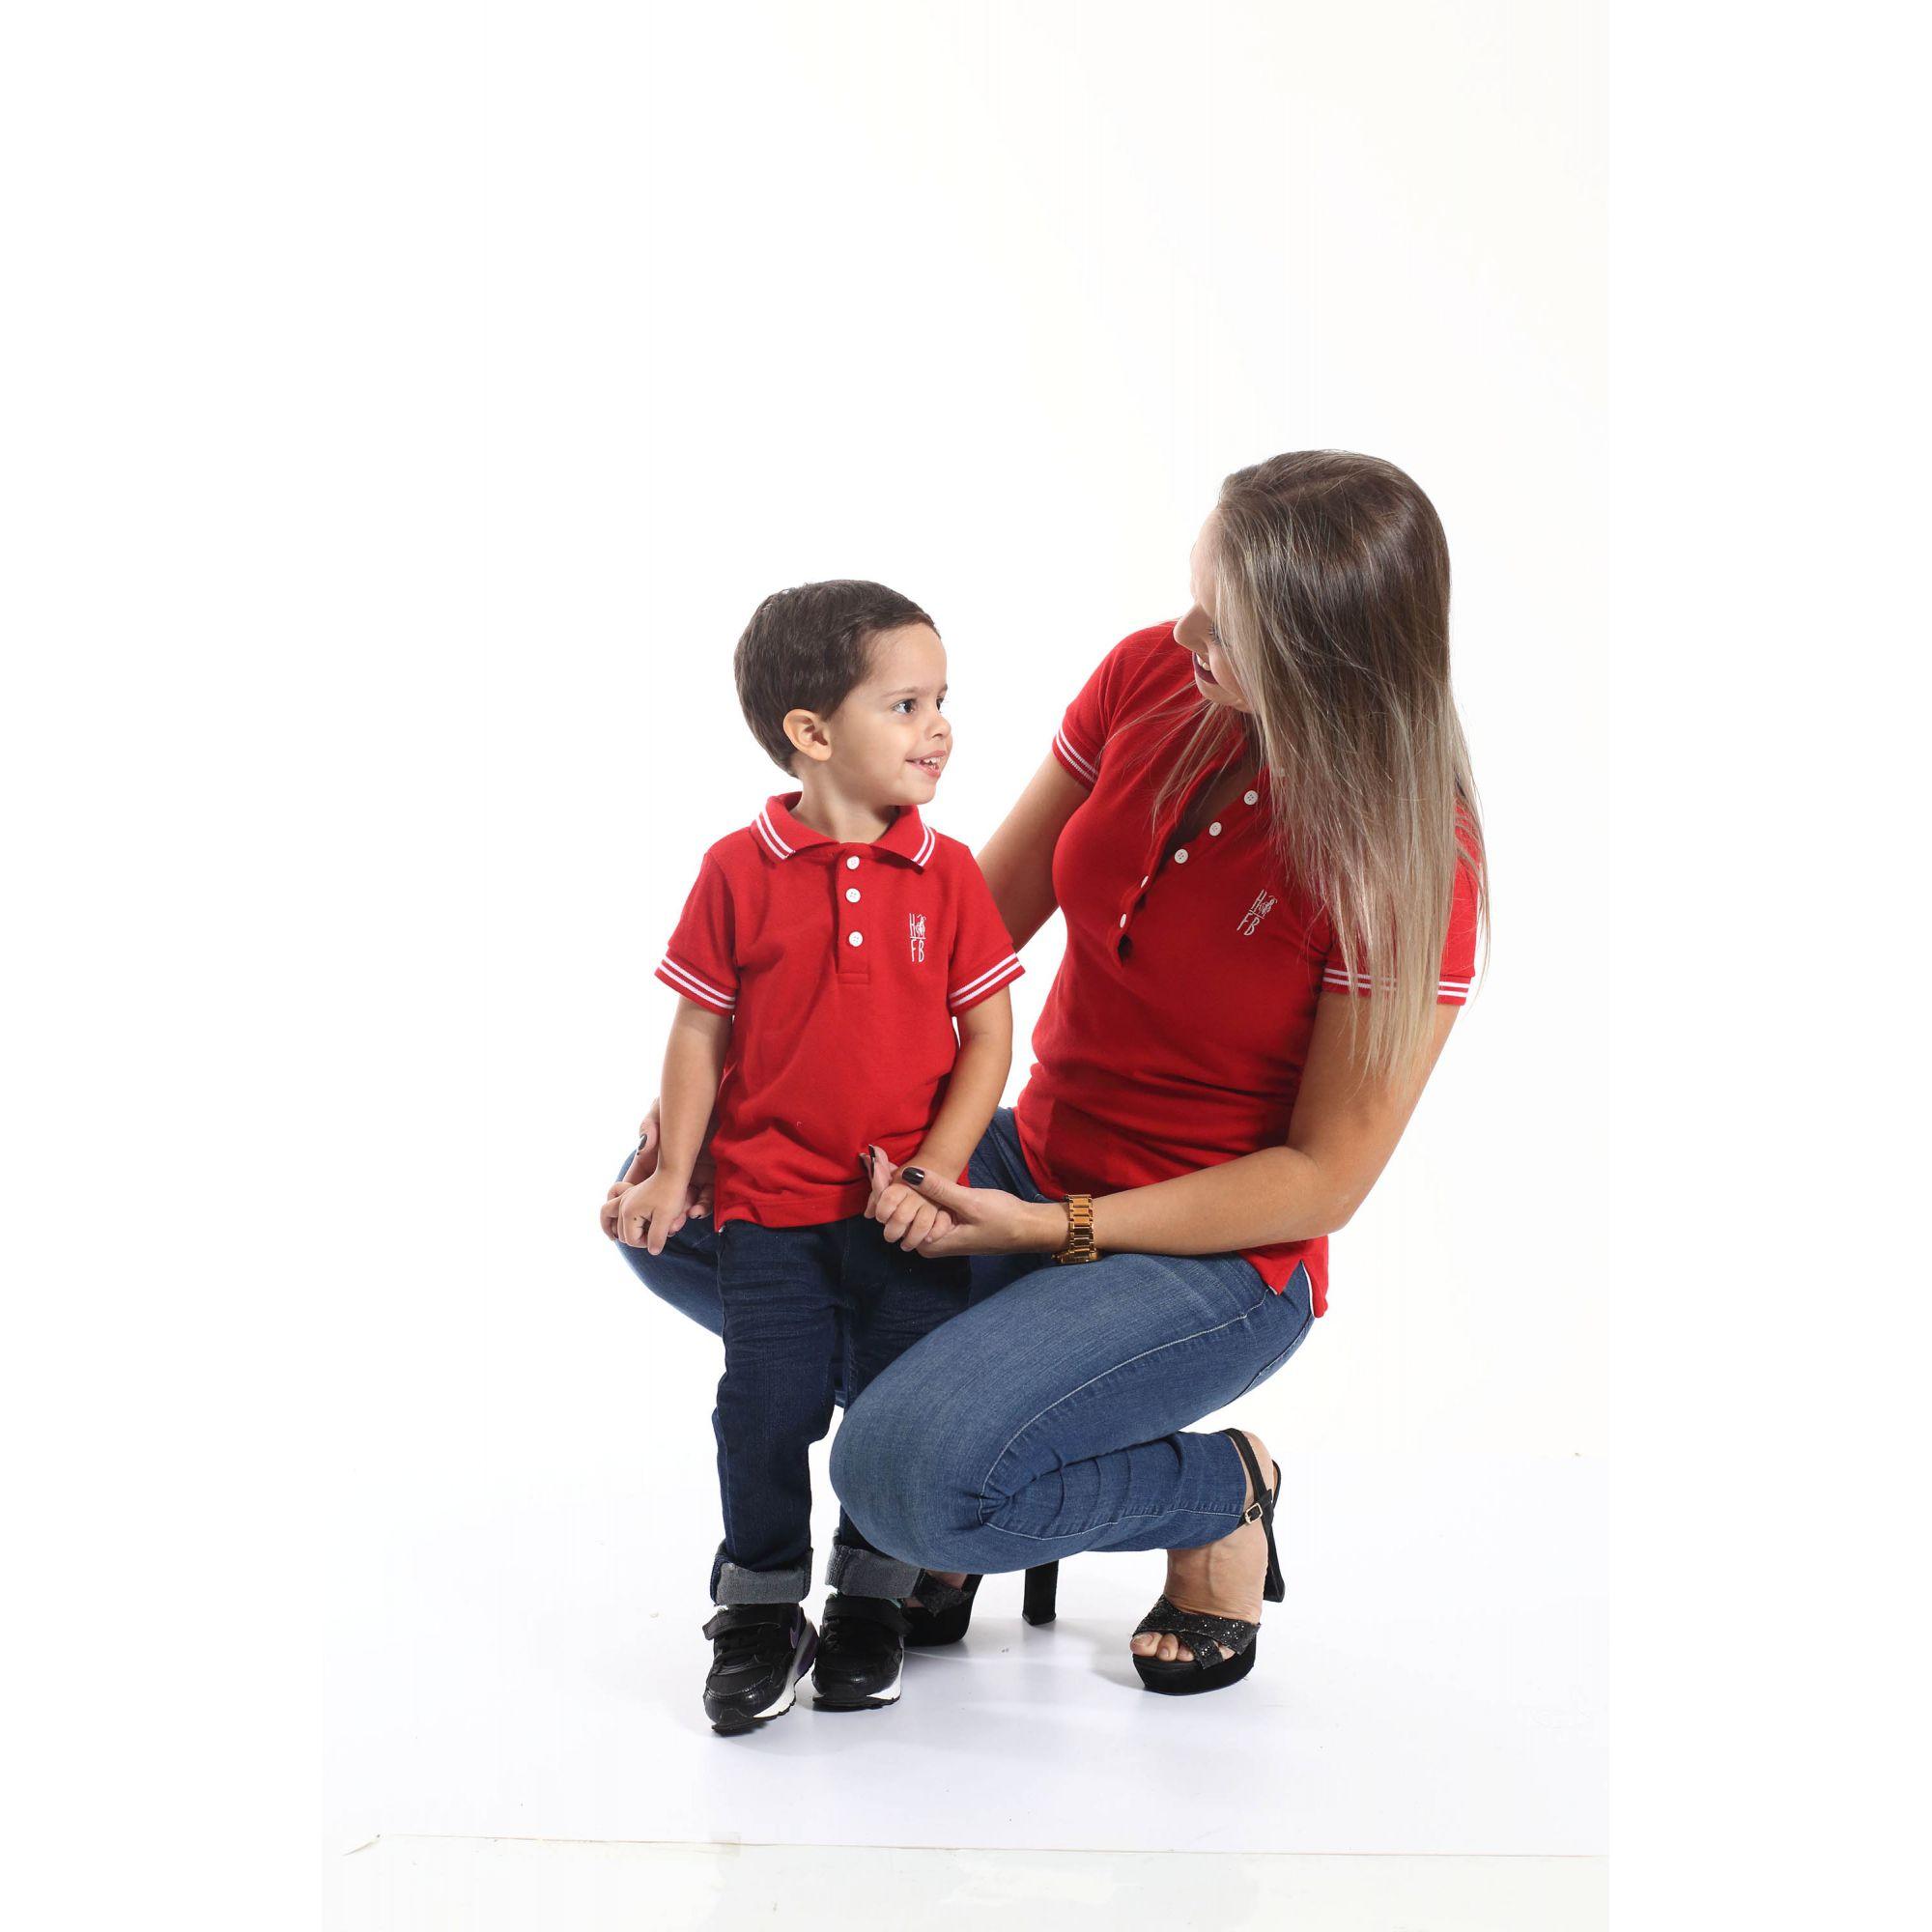 MÃE E FILHO > Kit 02 peças - Camisas ou Body Polo Vermelho Paixão   [Coleção Tal Mãe Tal Filho]  - Heitor Fashion Brazil